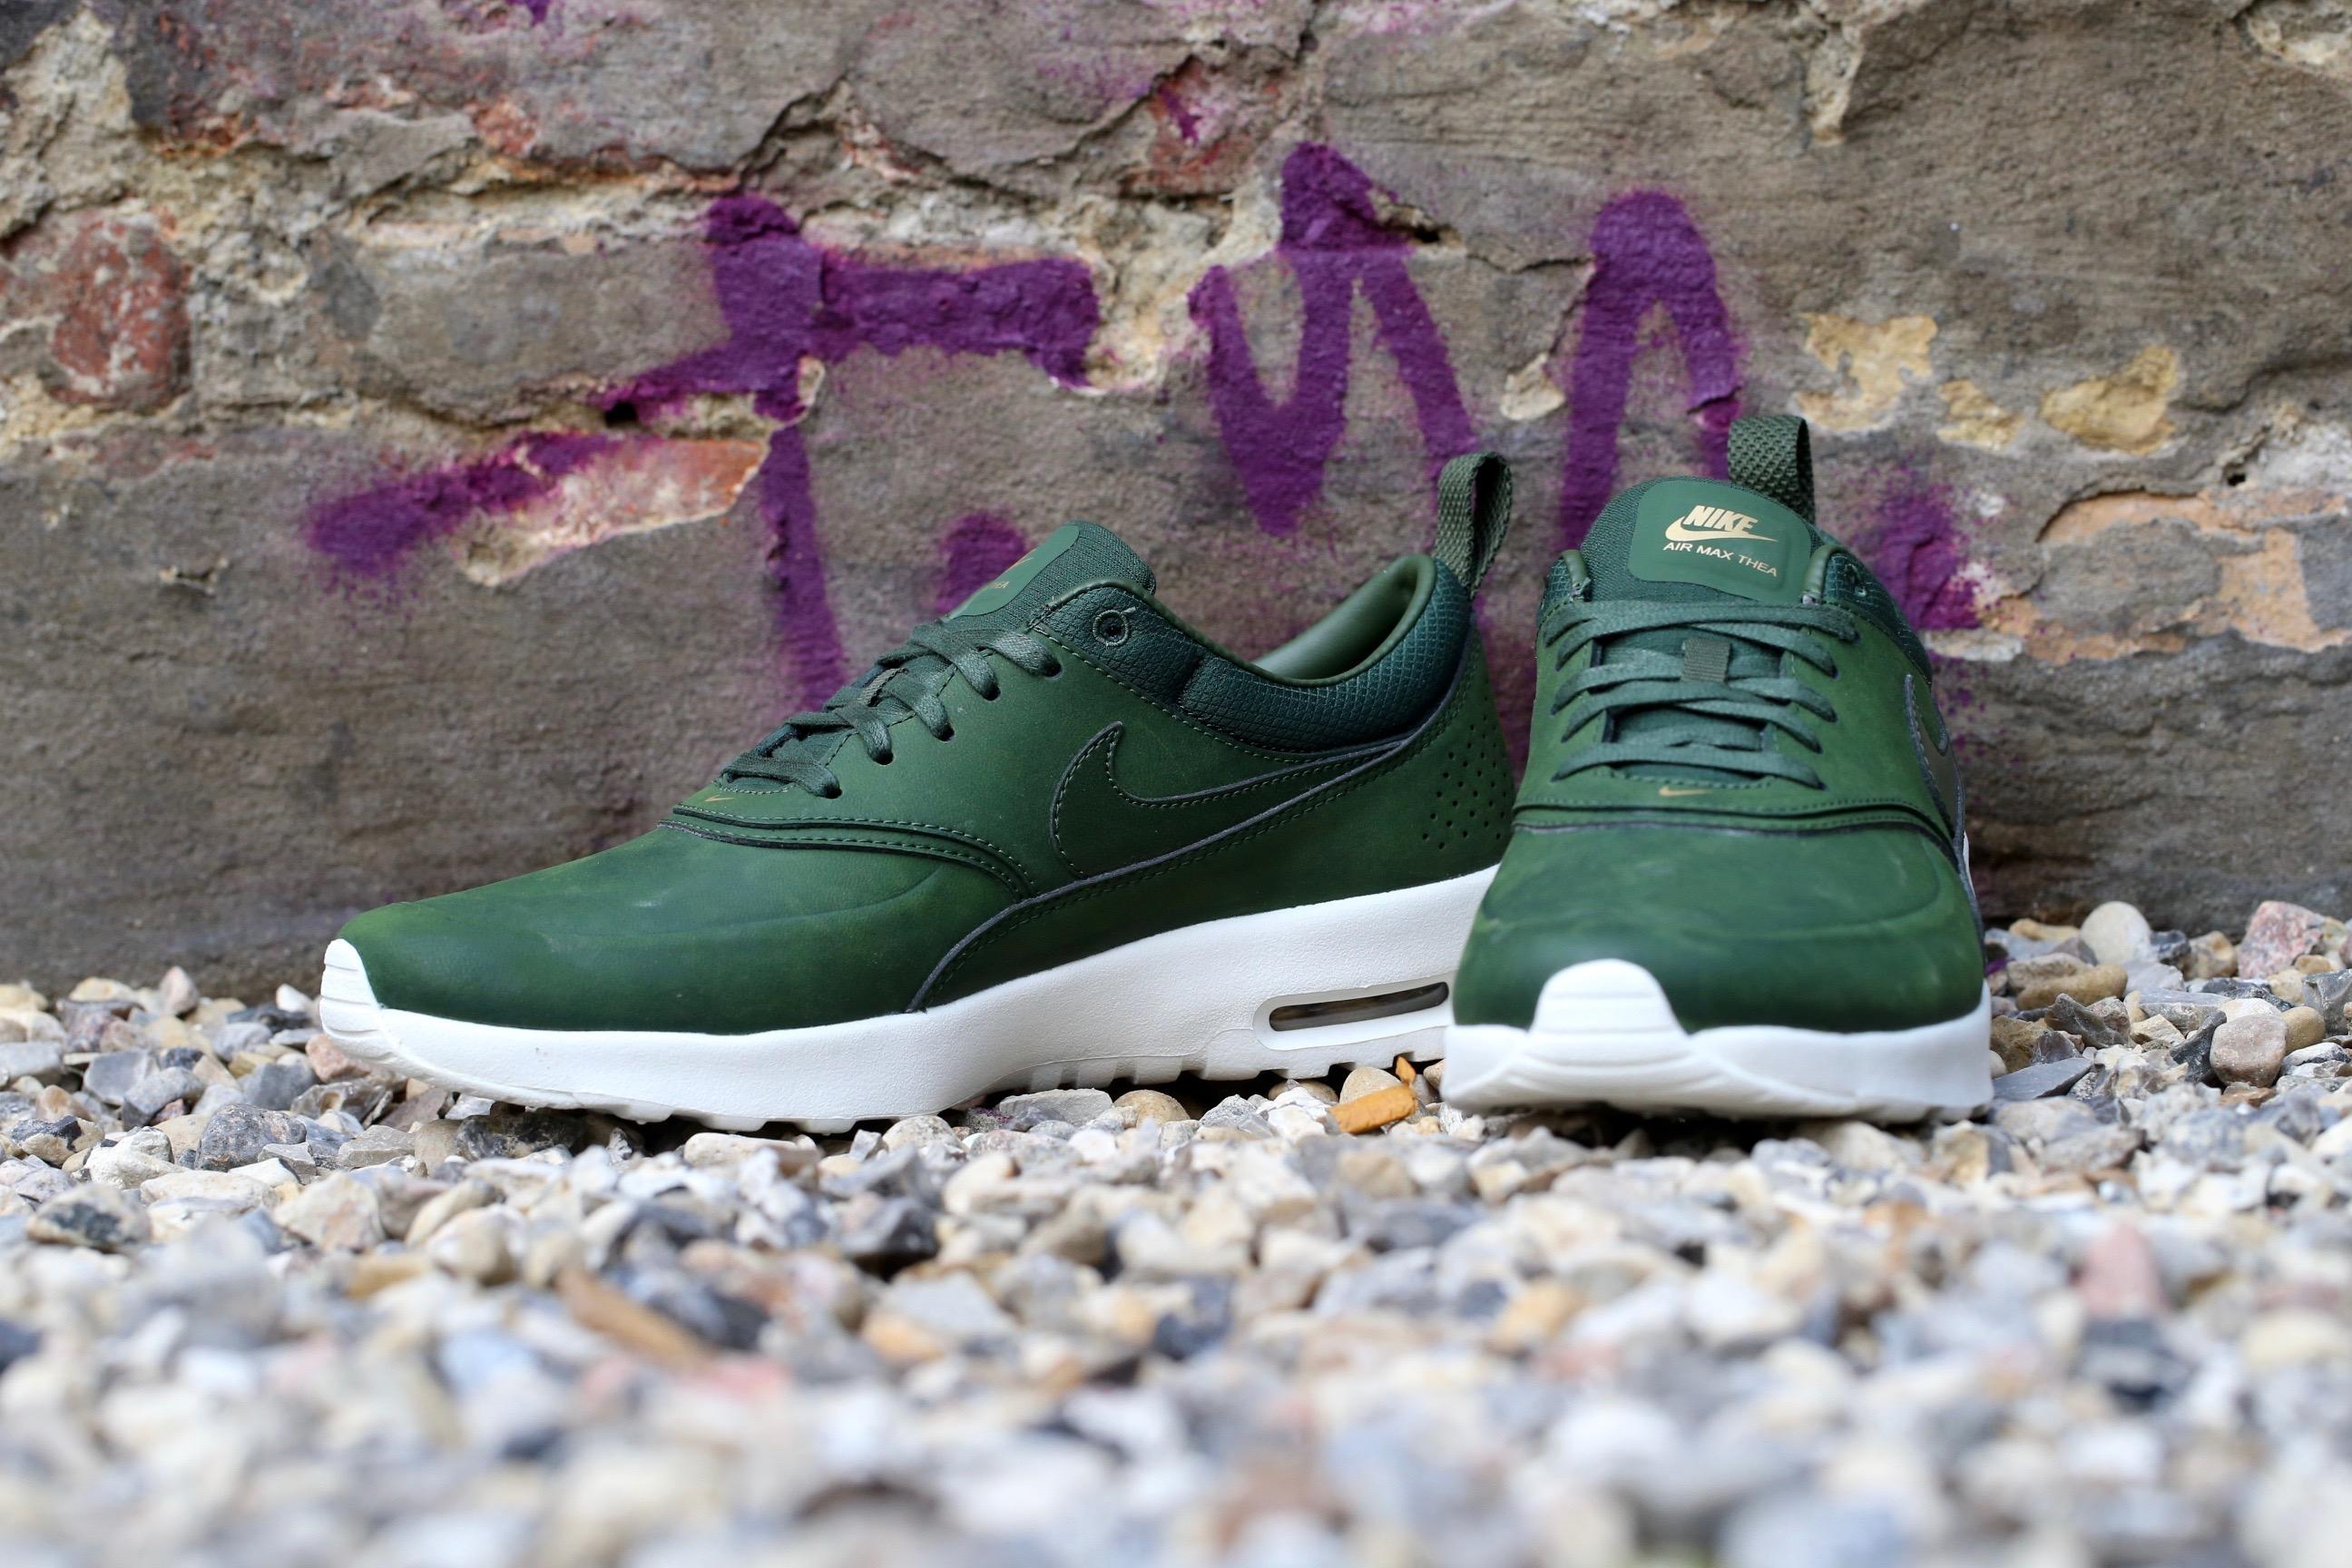 Nike Air Max Thea Premium Cuir Vert Blanc Vert vYG8mmZ